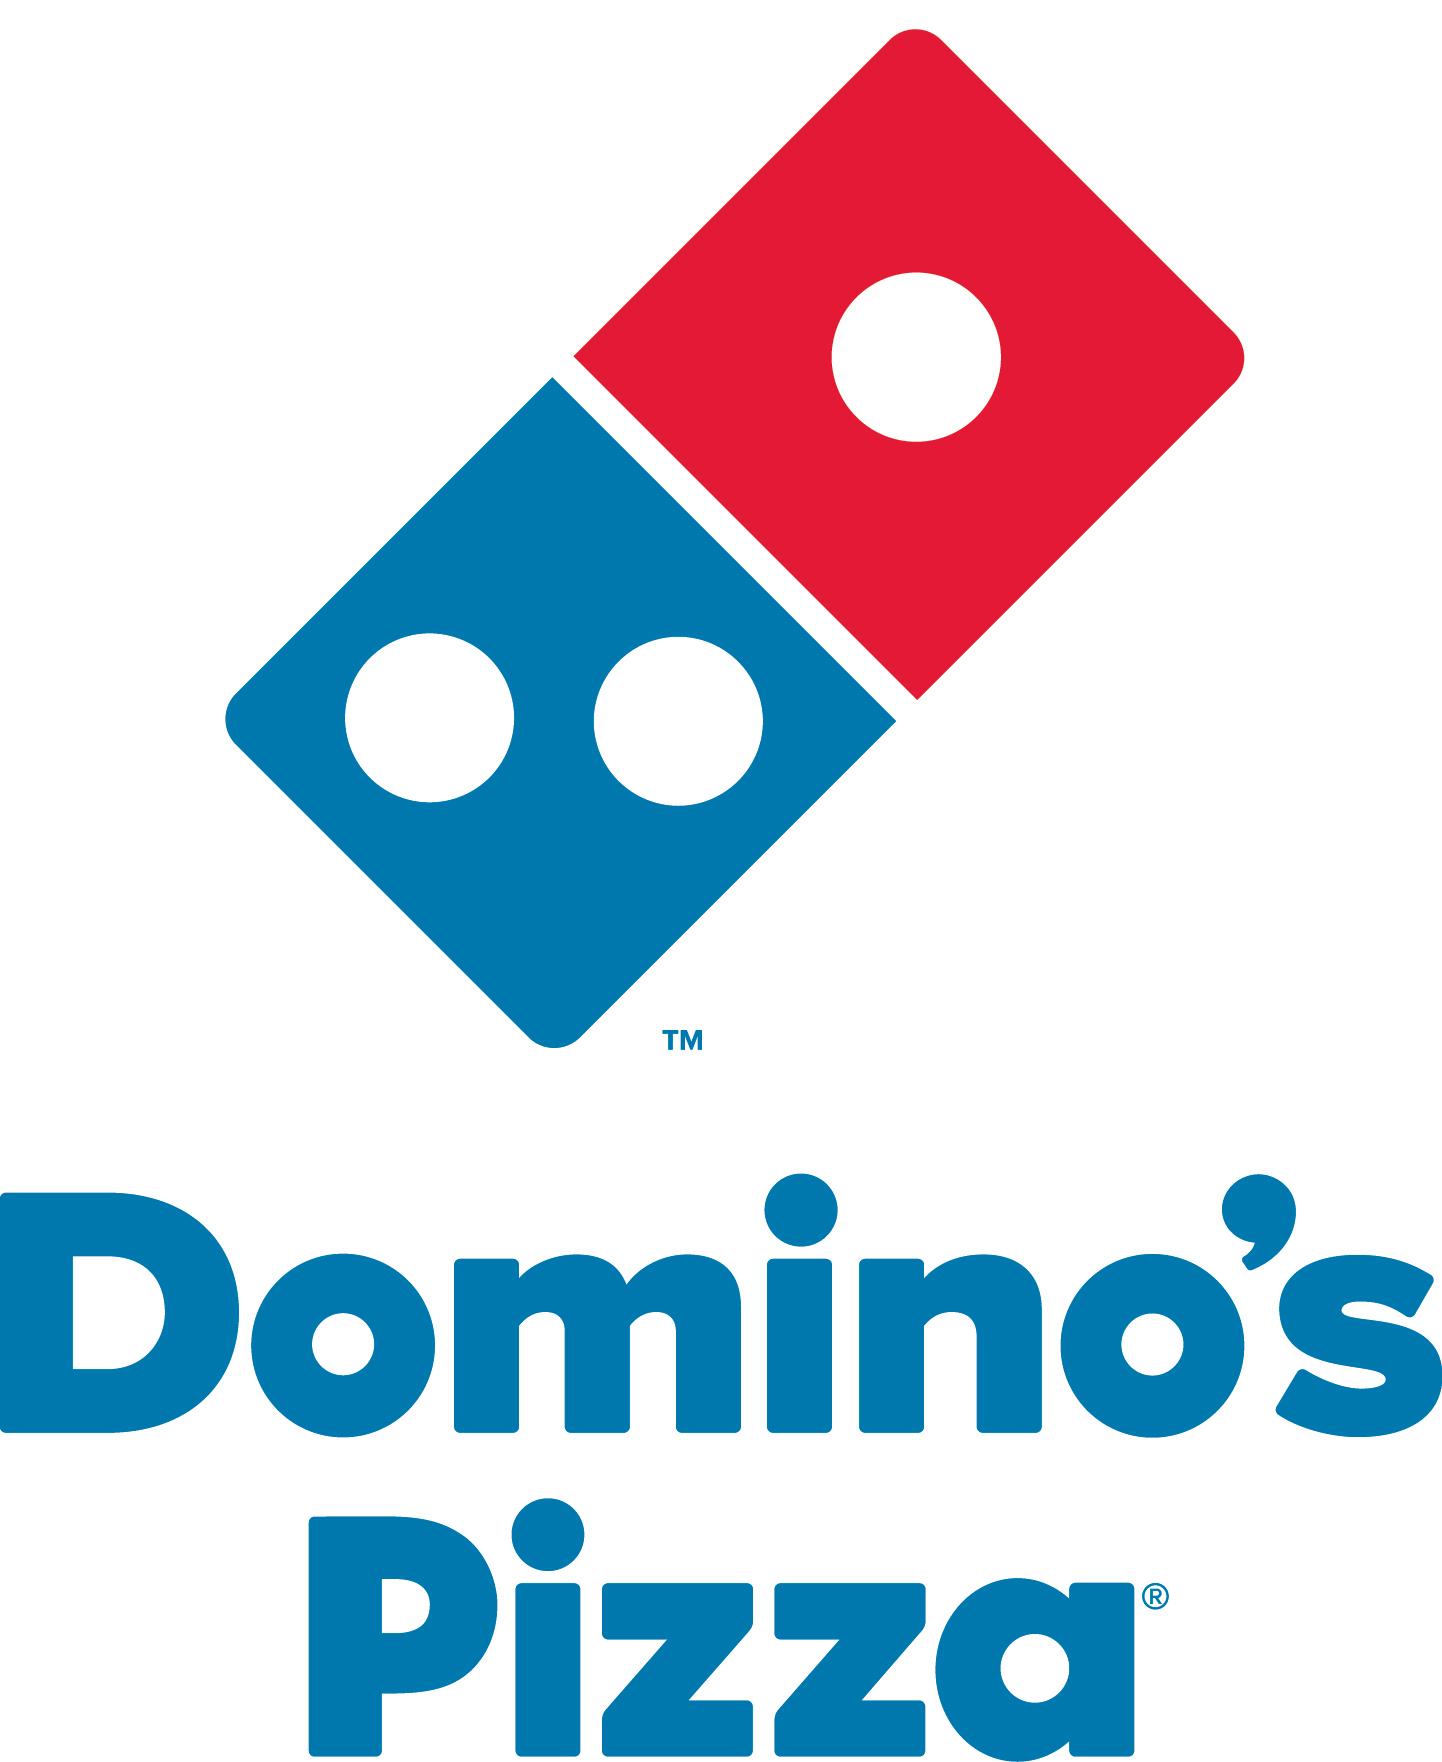 Dominos Pizza: Gratis Pizzabrötchen nach Wahl zur Pizza dazu